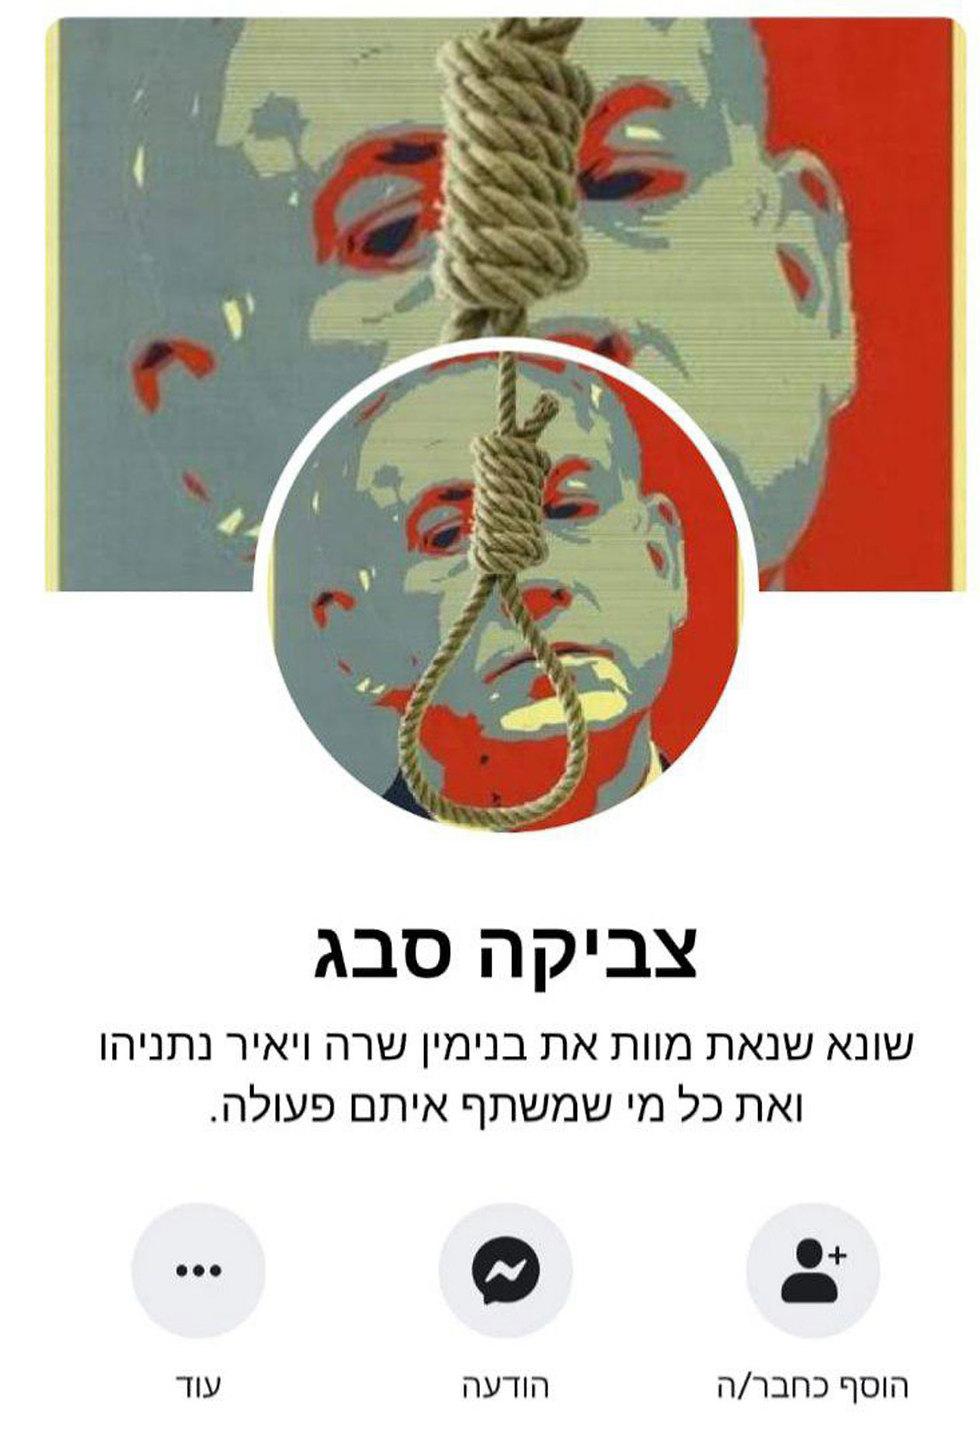 تهديد نتنياهو بالقتل